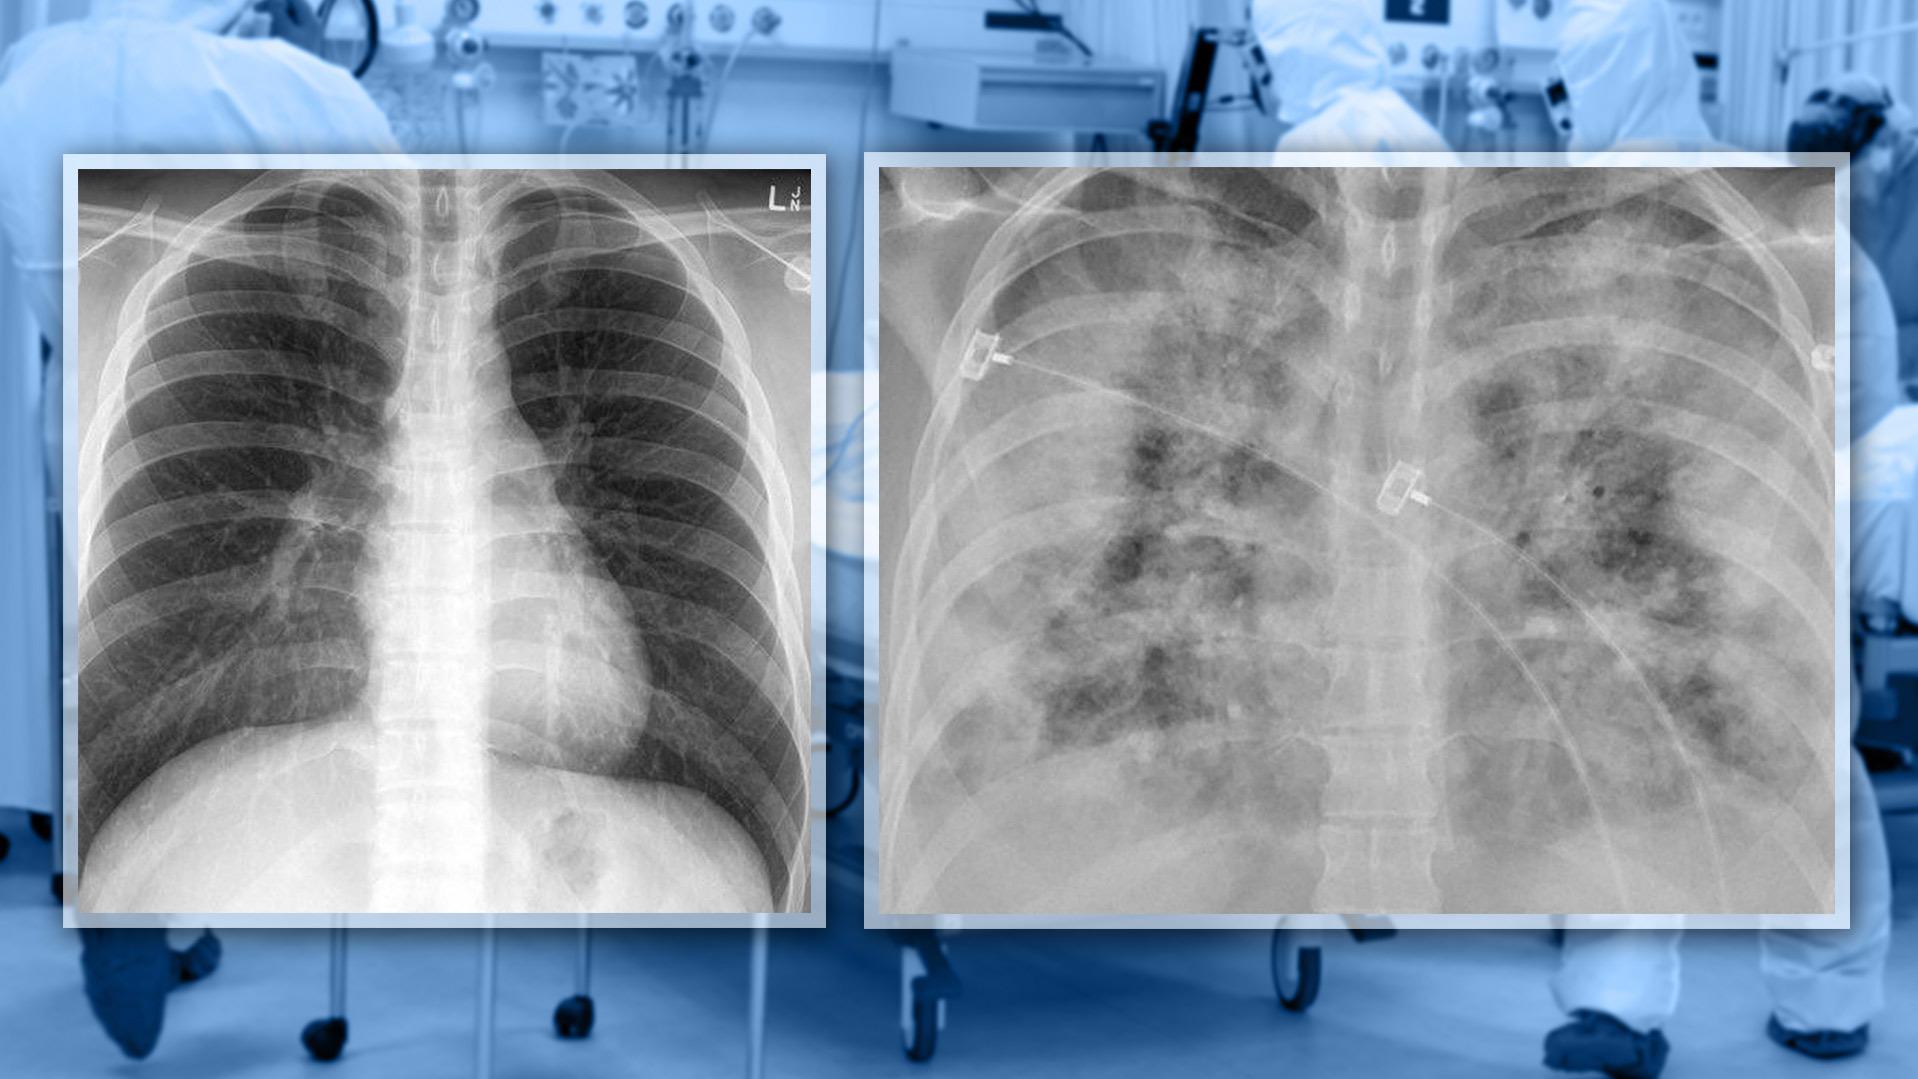 Geimpft vs. Ungeimpft: Bilder zeigen unterschiedliche Covid-Lungen